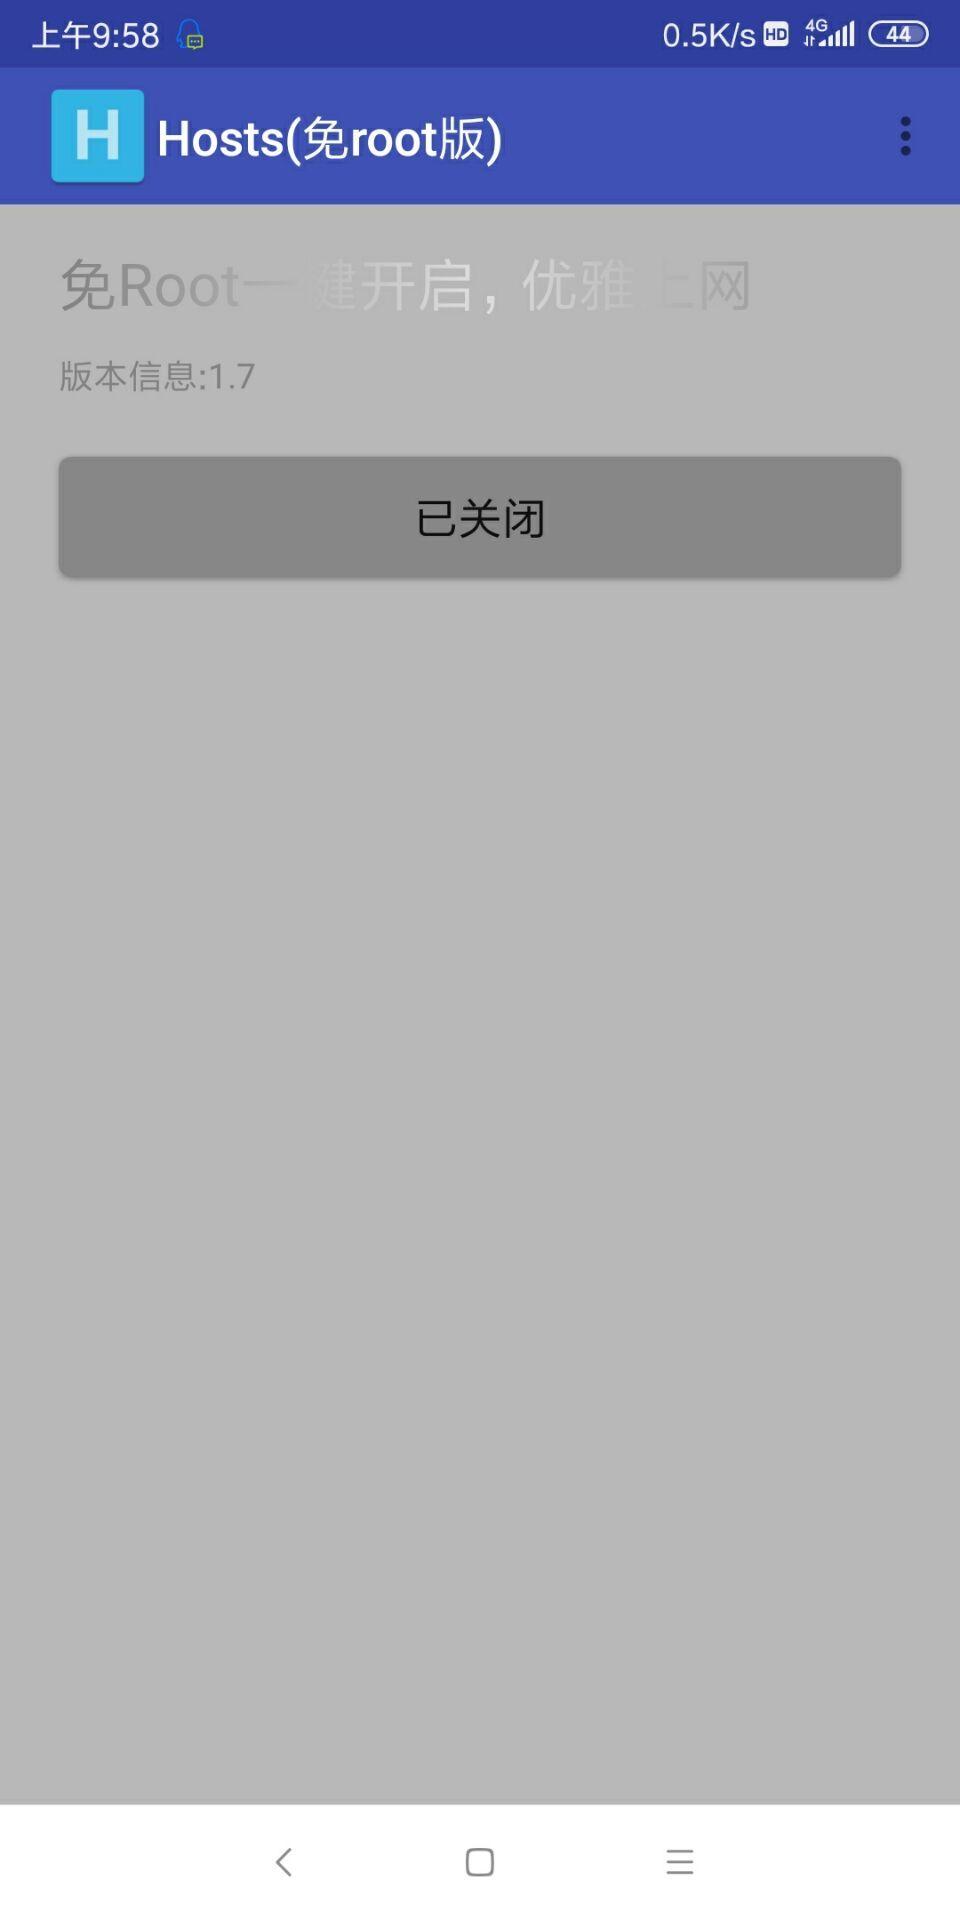 hosts拦截器(免root版)安装入口图片1